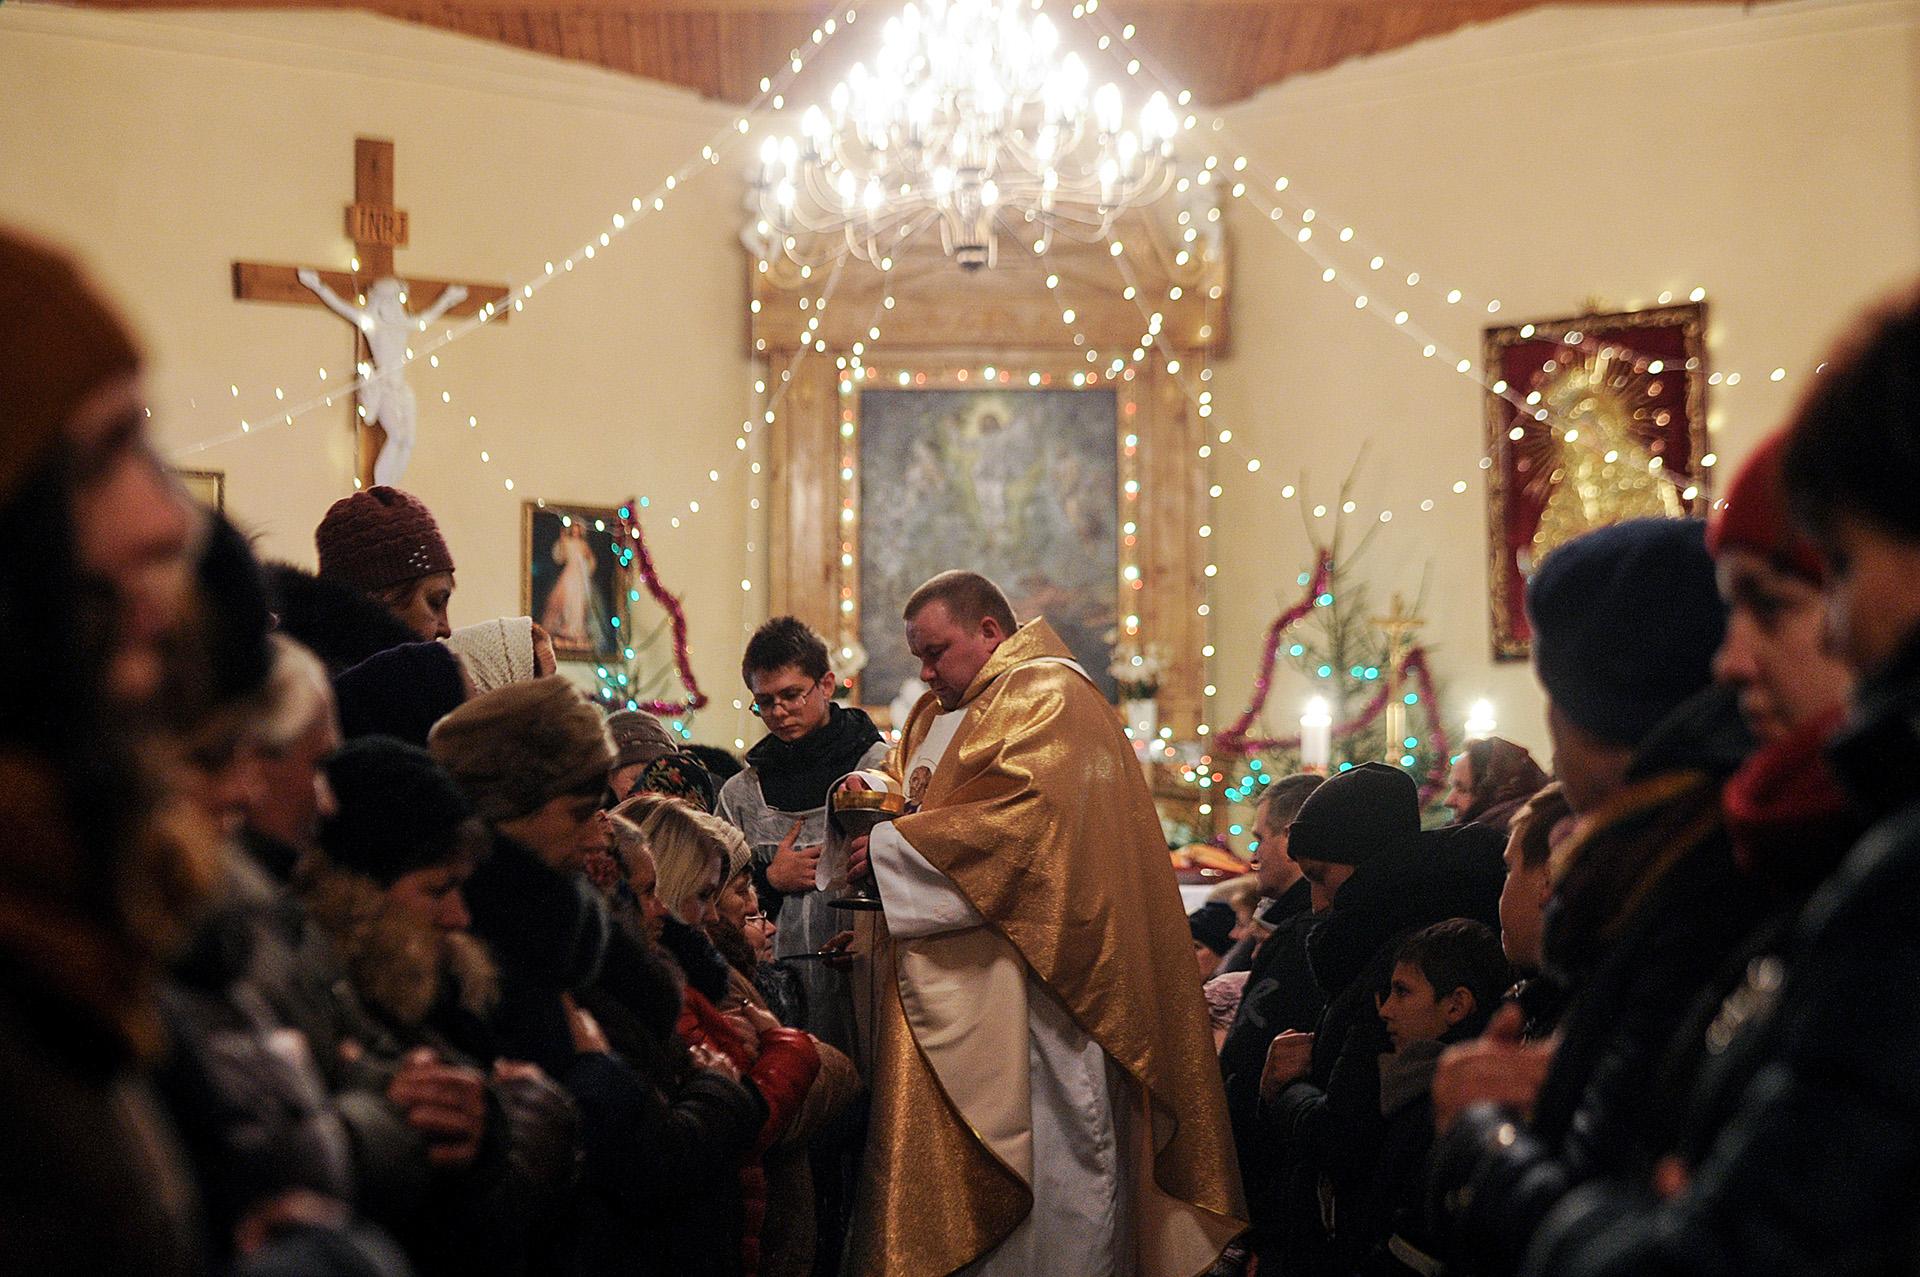 Celebración de Navidad en una Iglesia de Krevo, 100 kilómetros al noroeste de Minsk